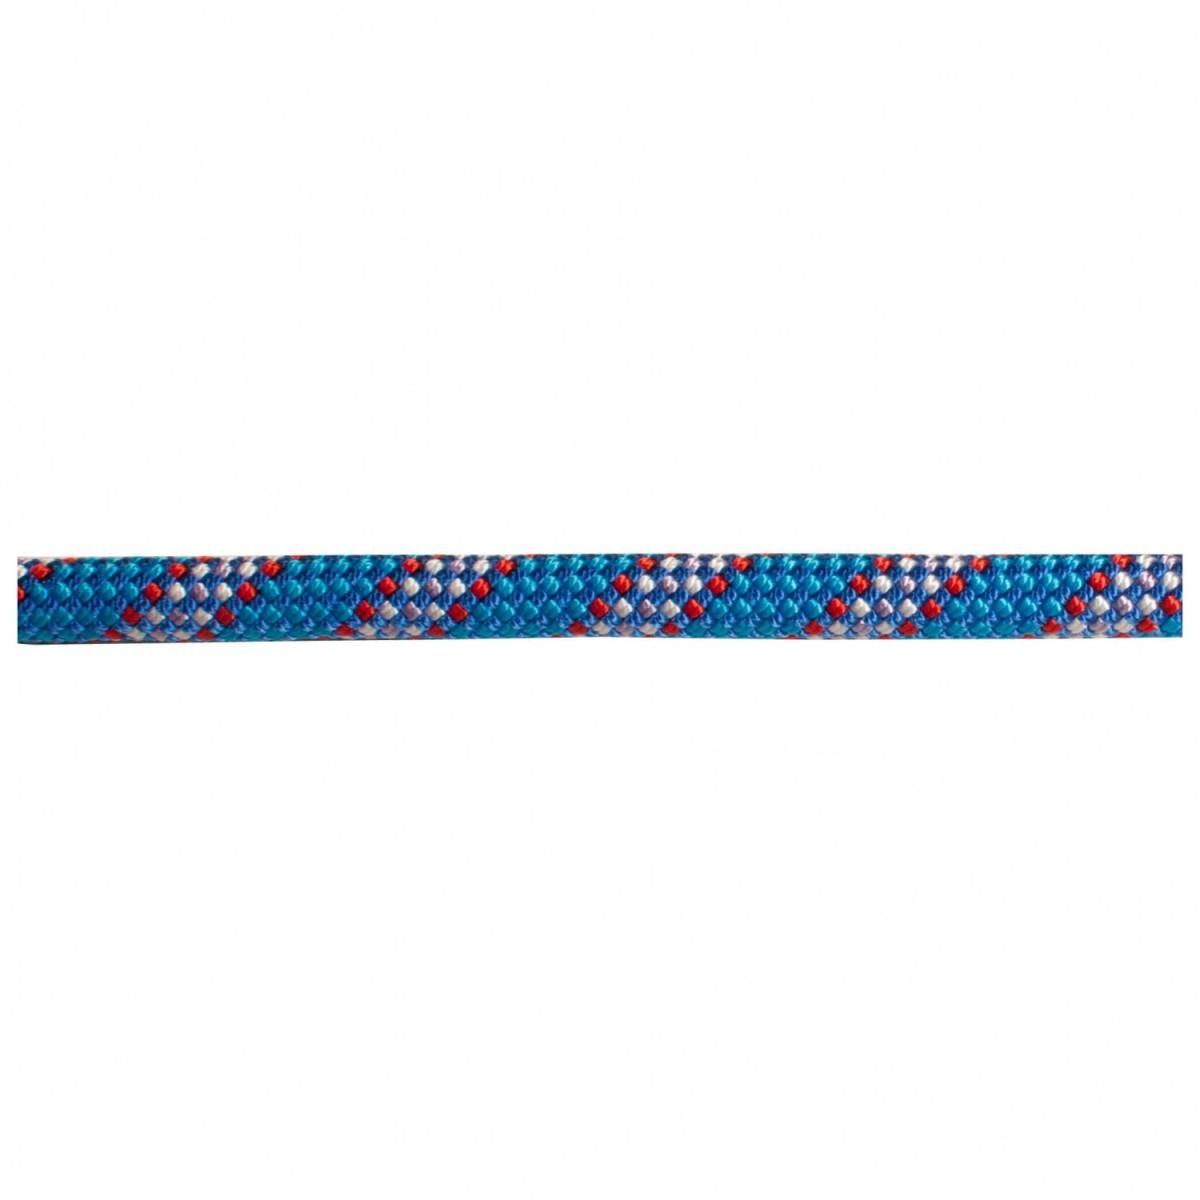 BEAL べアール Cobra II 8.6mm(60m - Blue)★ロープ・ザイル・登山・クライミング★